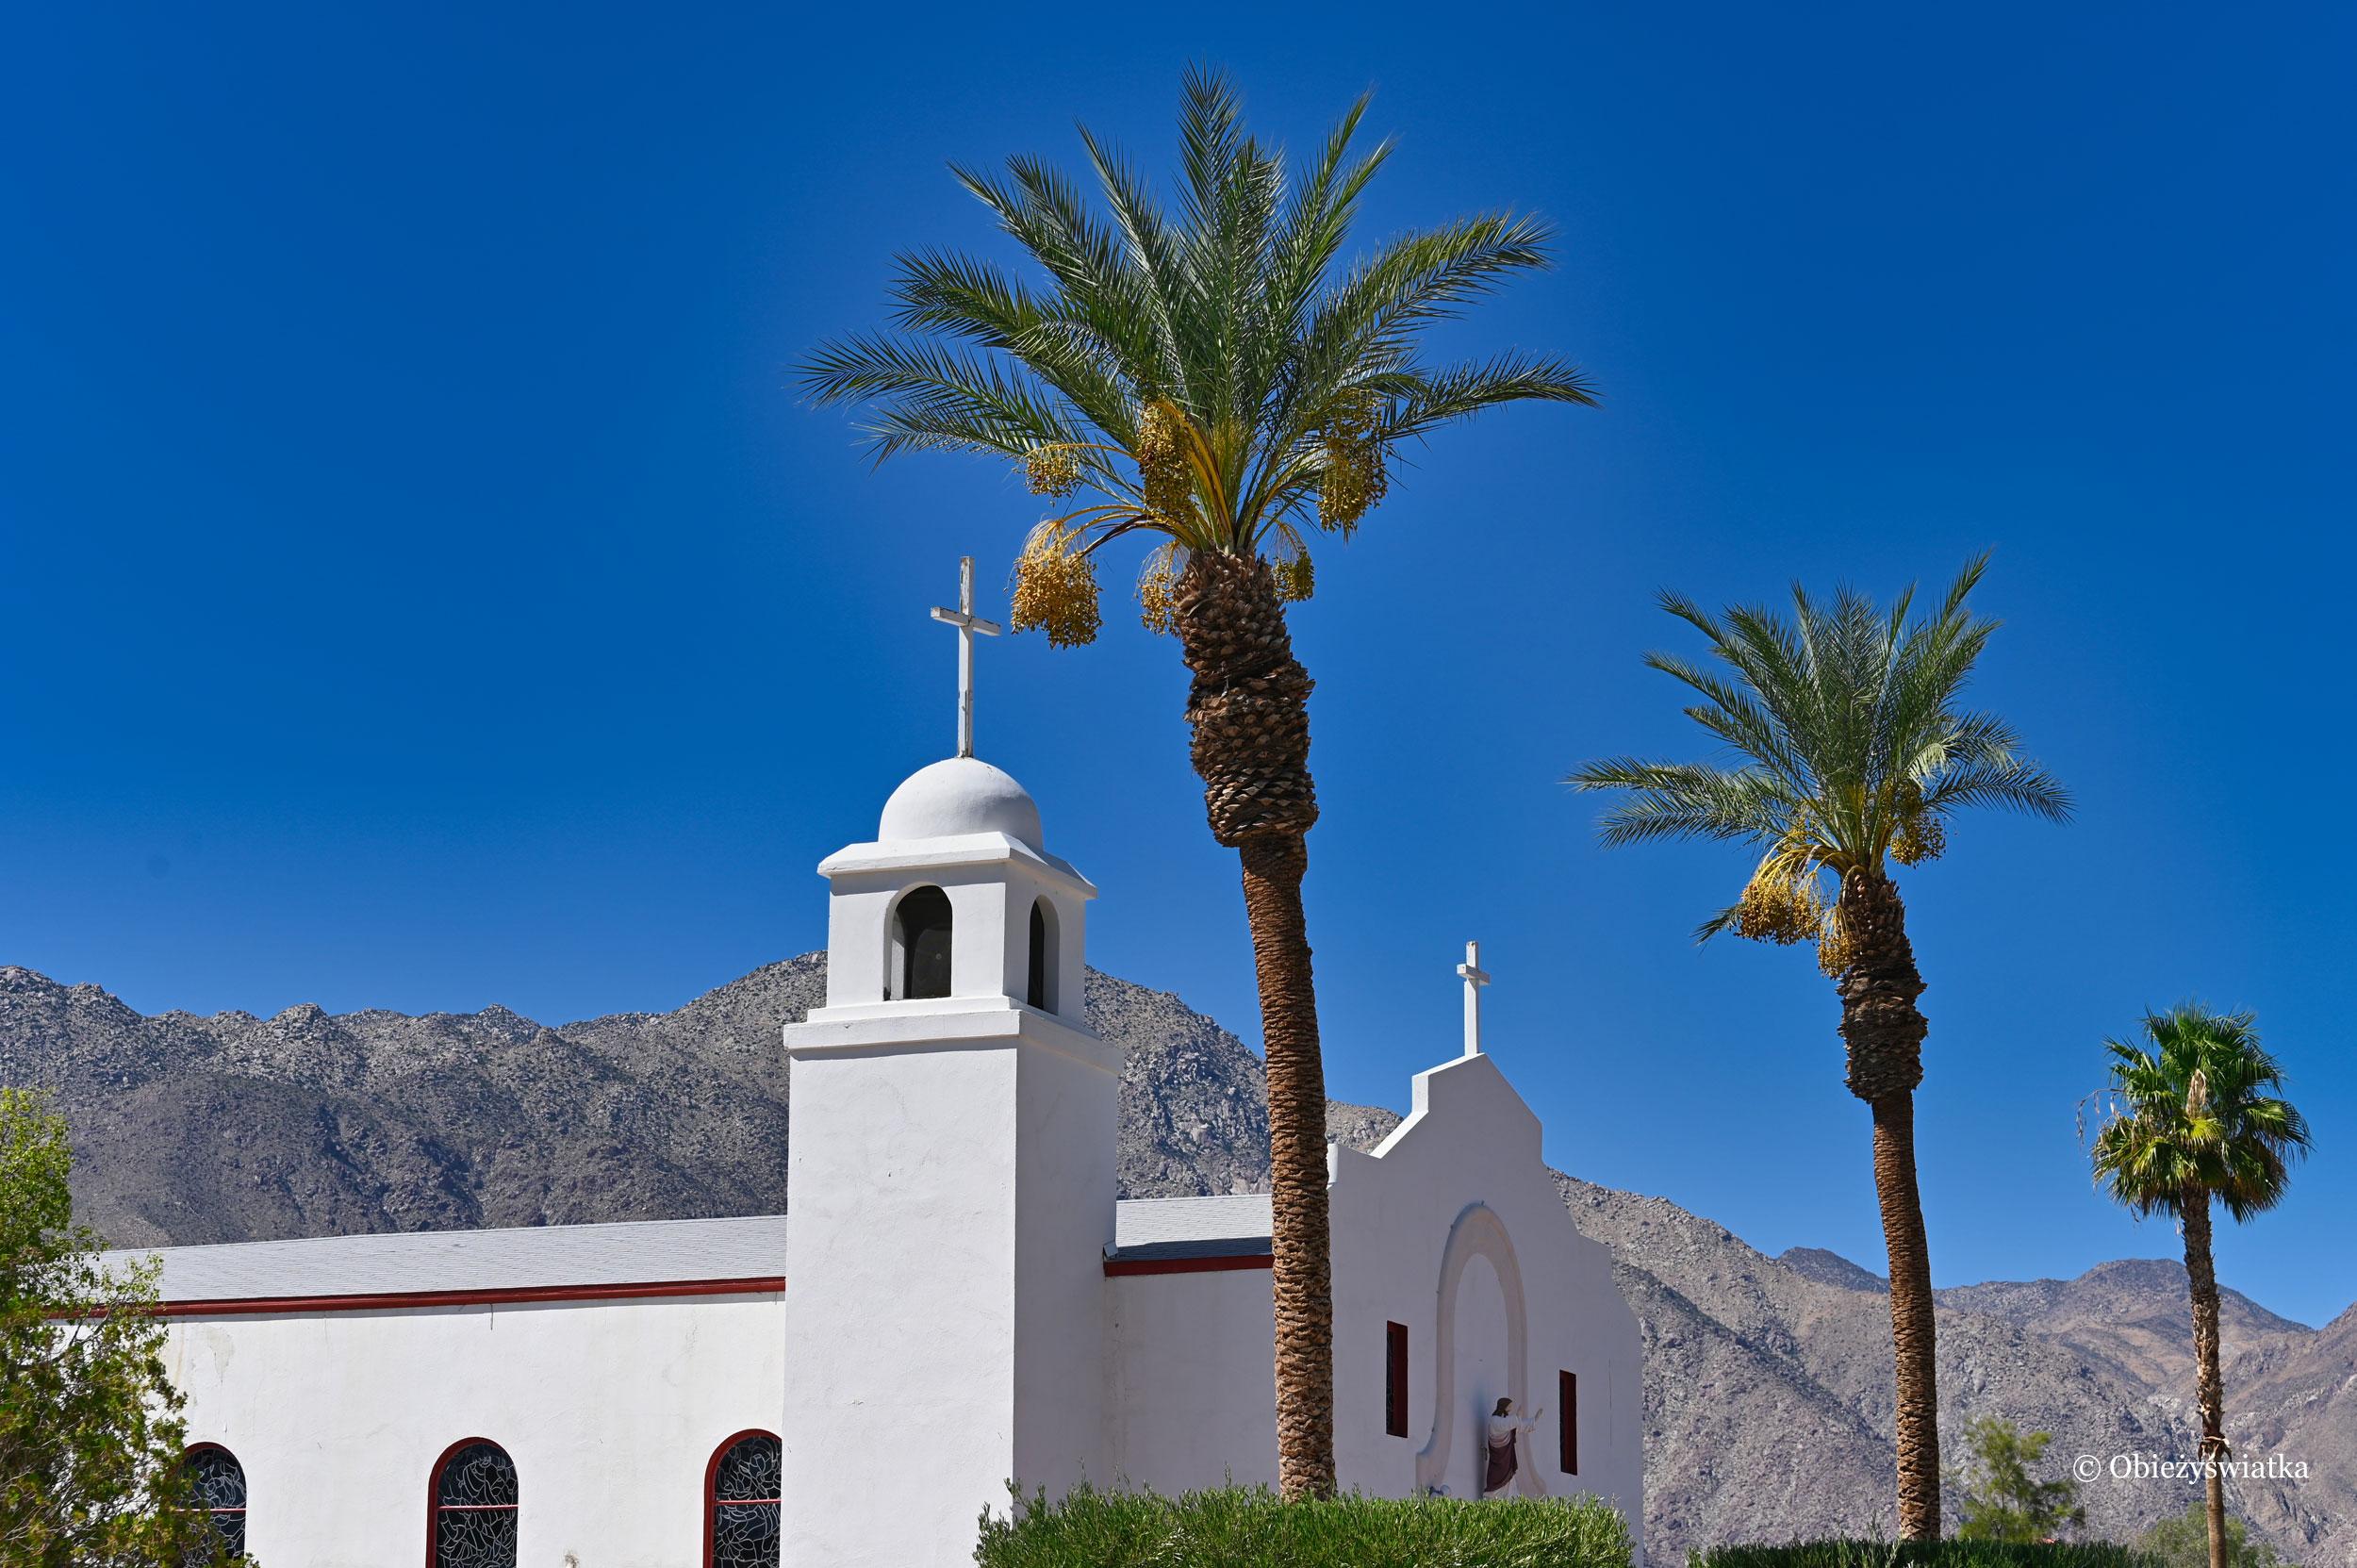 Jeden z kościółków w Borrego Springs, Kalifornia